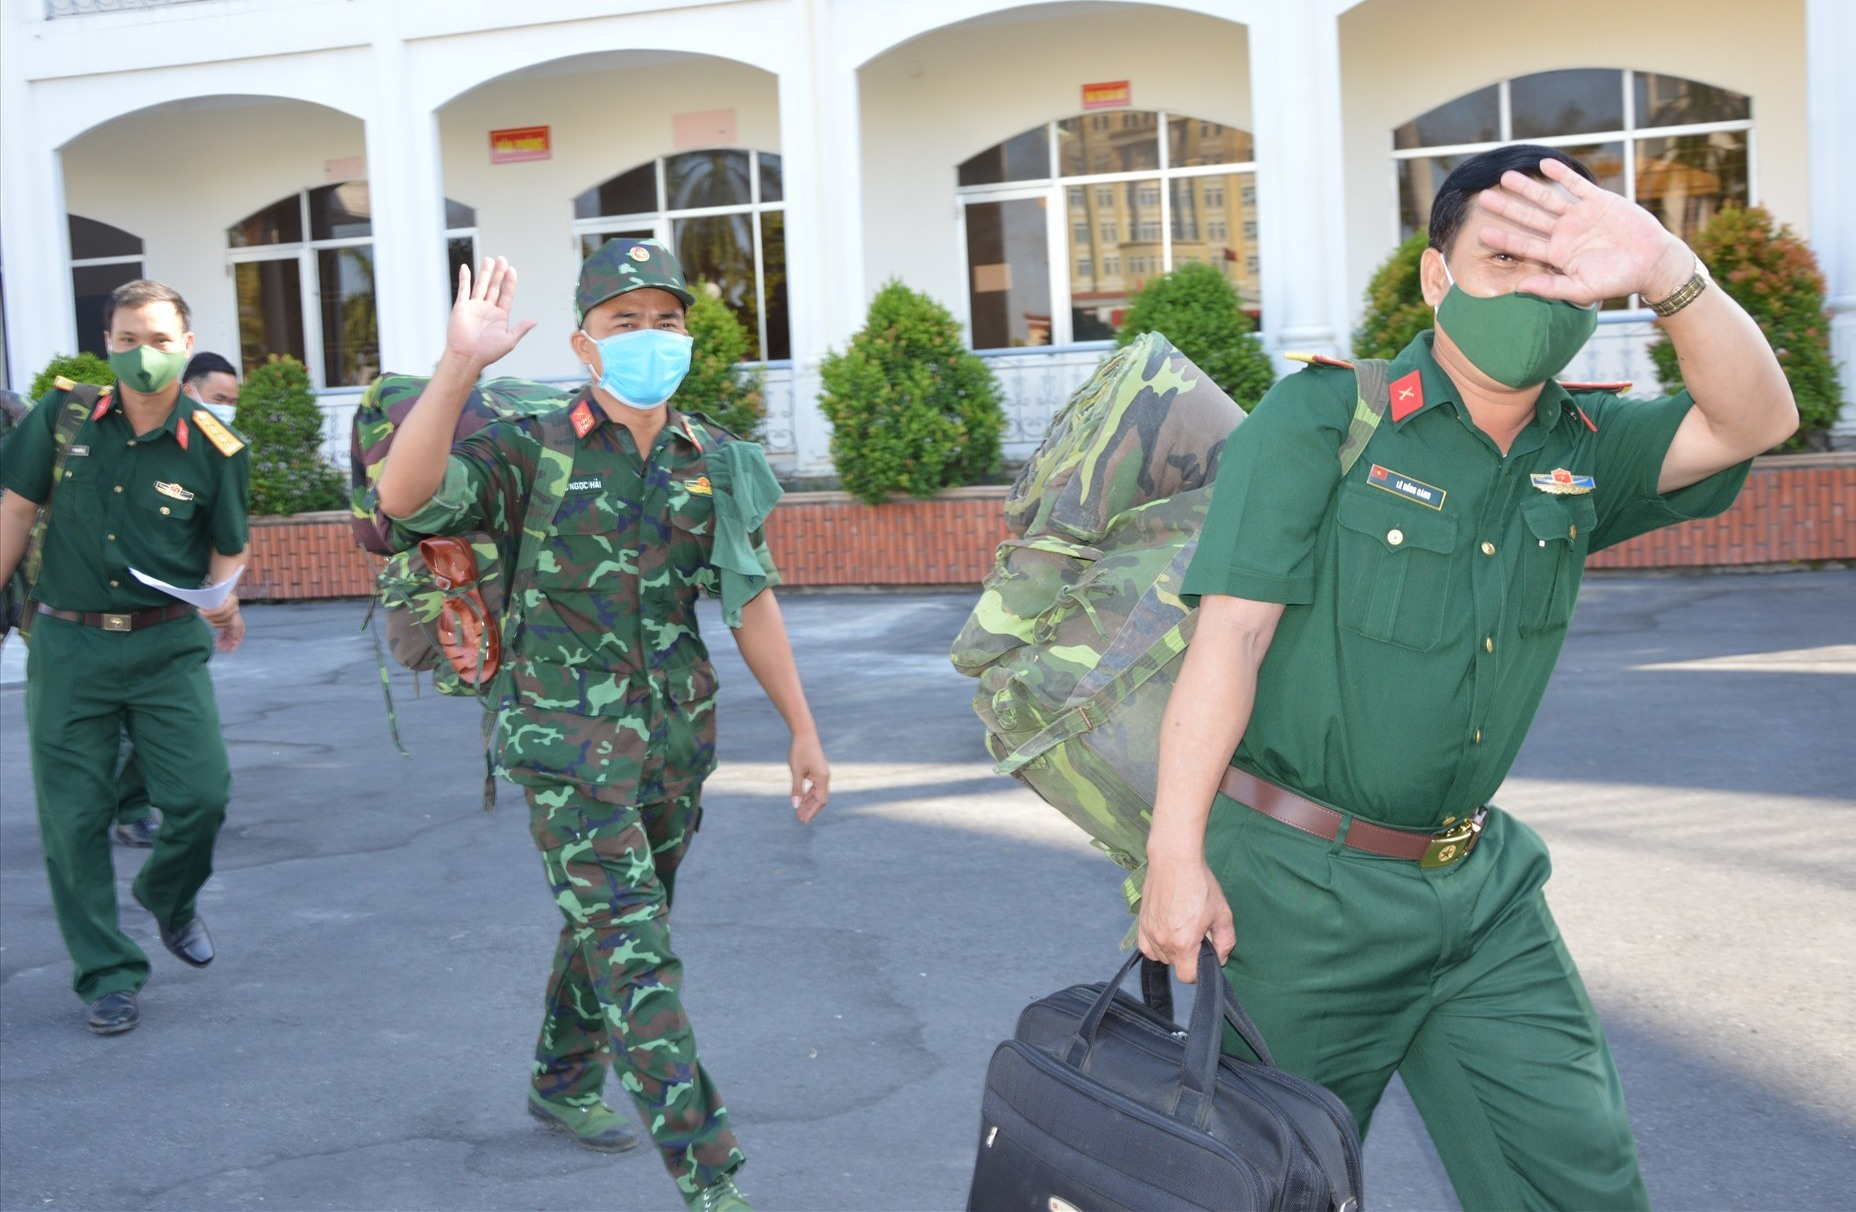 36 quân nhân thuộc LLVT tỉnh sẵn sàng lên đường làm nhiệm vụ phòng chống Covid-19 trên tuyến biên giới.